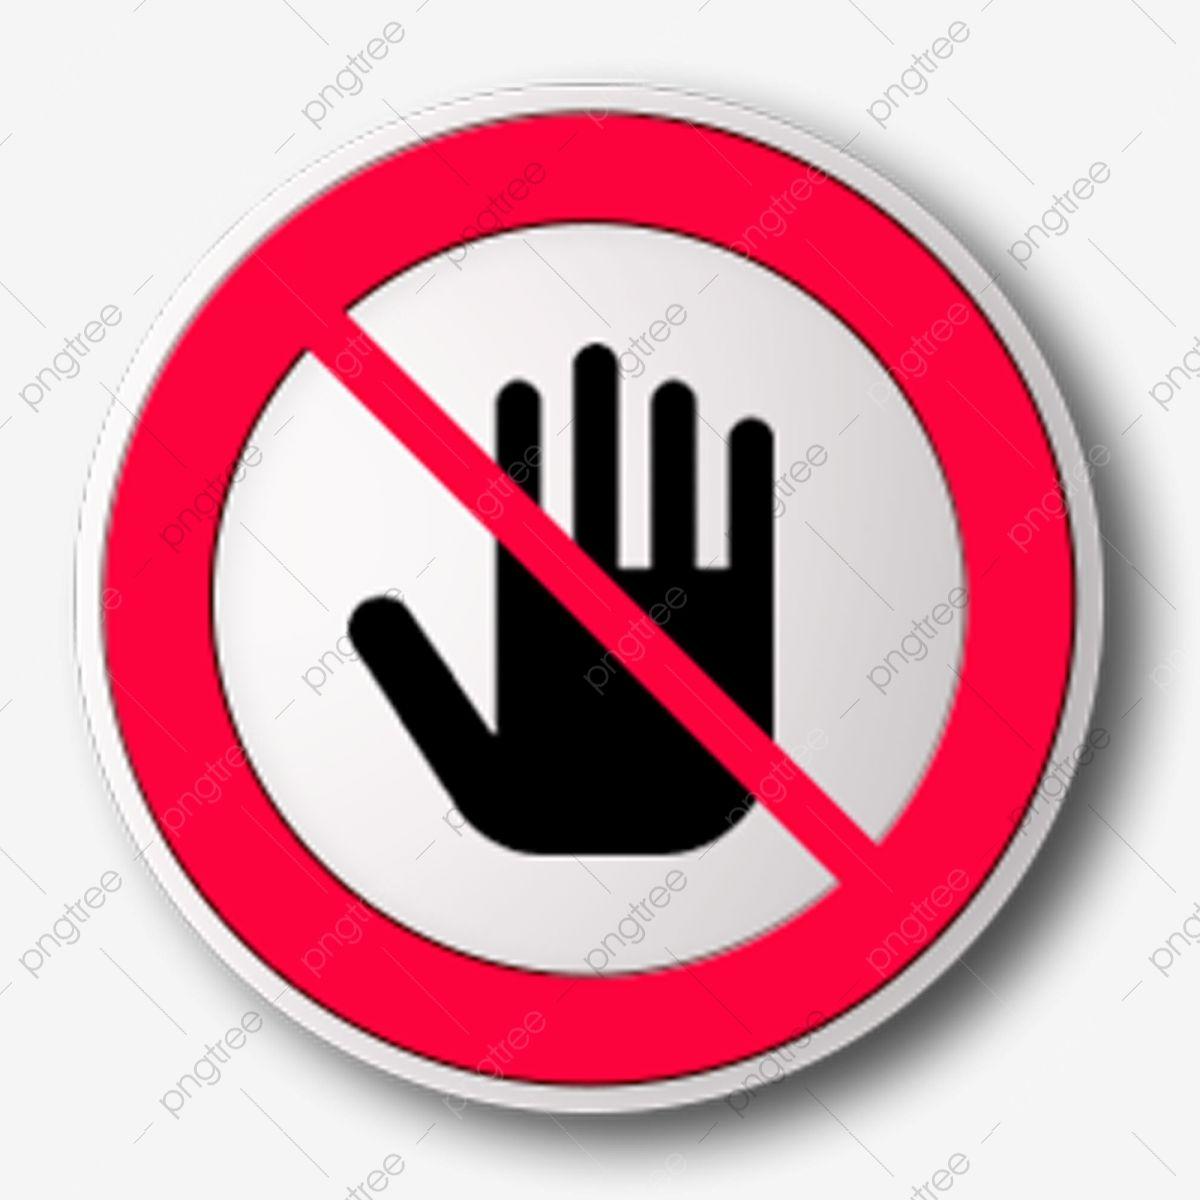 ممنوع الدخول رسم كاريكاتوري كف رمز محظور لا جولة رمز تذكير الكرتون Png وملف Psd للتحميل مجانا Instagram Logo Location Icon Logo Facebook